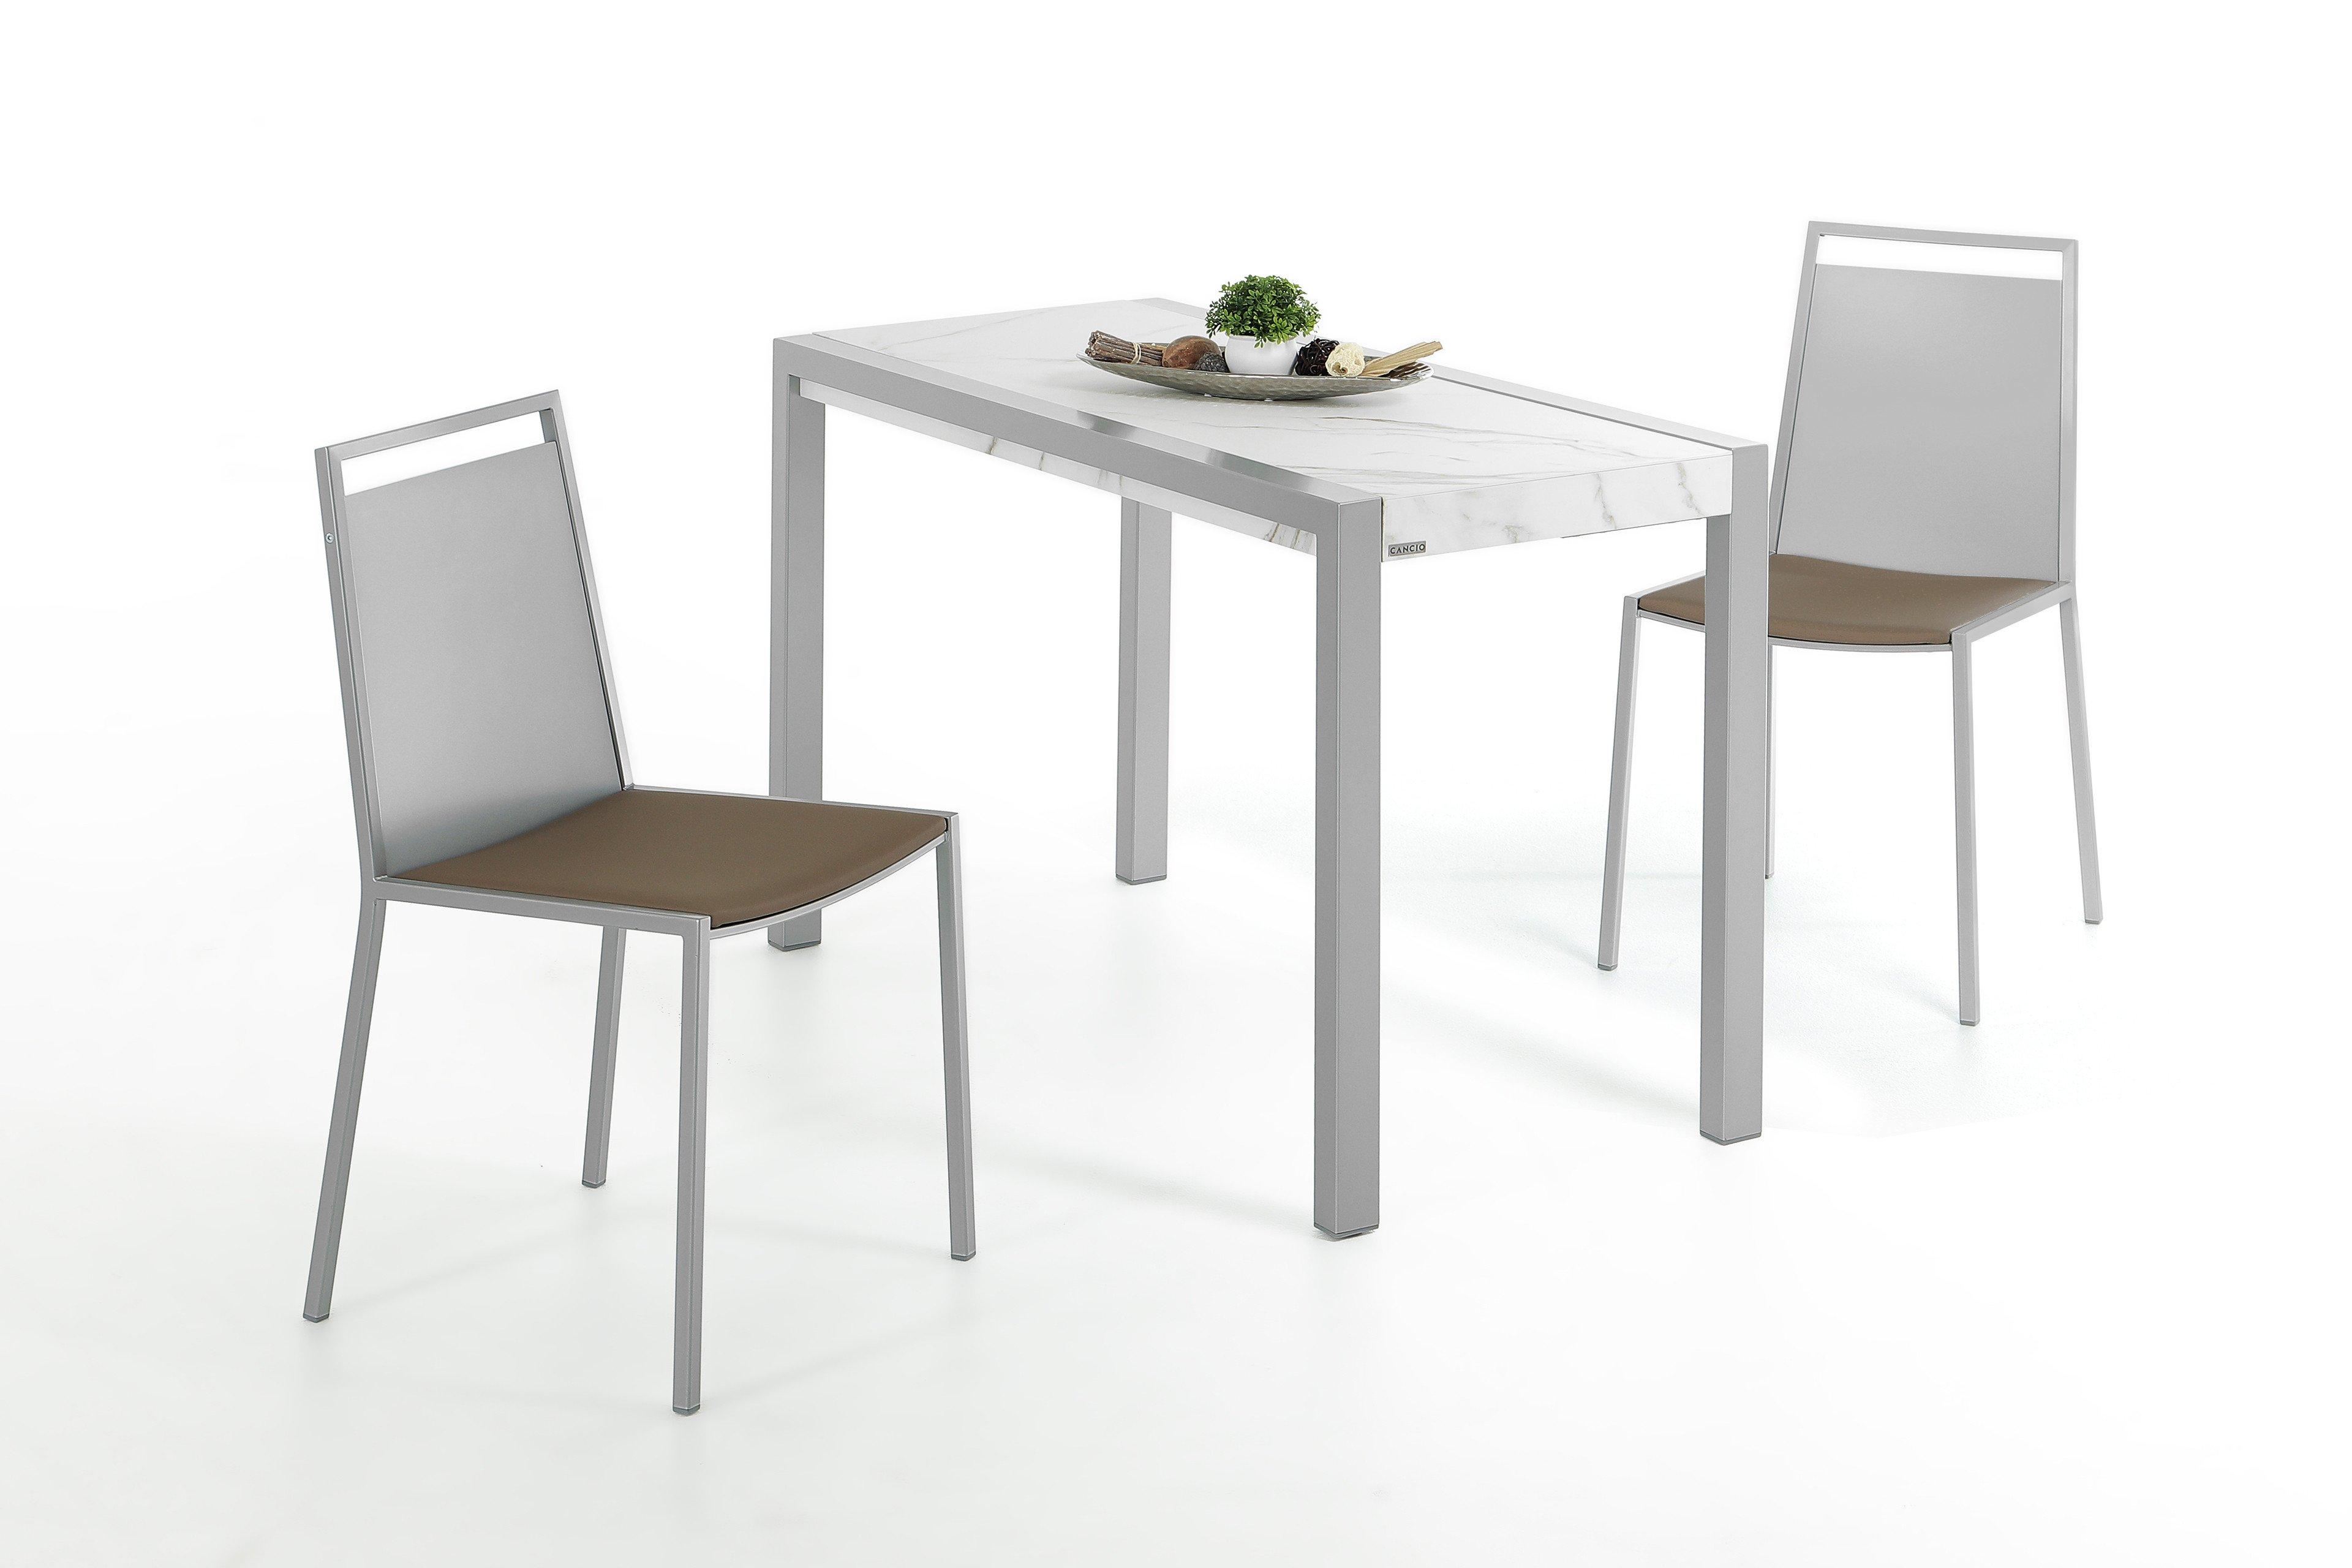 Concept Minor Von CANCIO   Tisch Keramik Calacatta, Ausziehbar